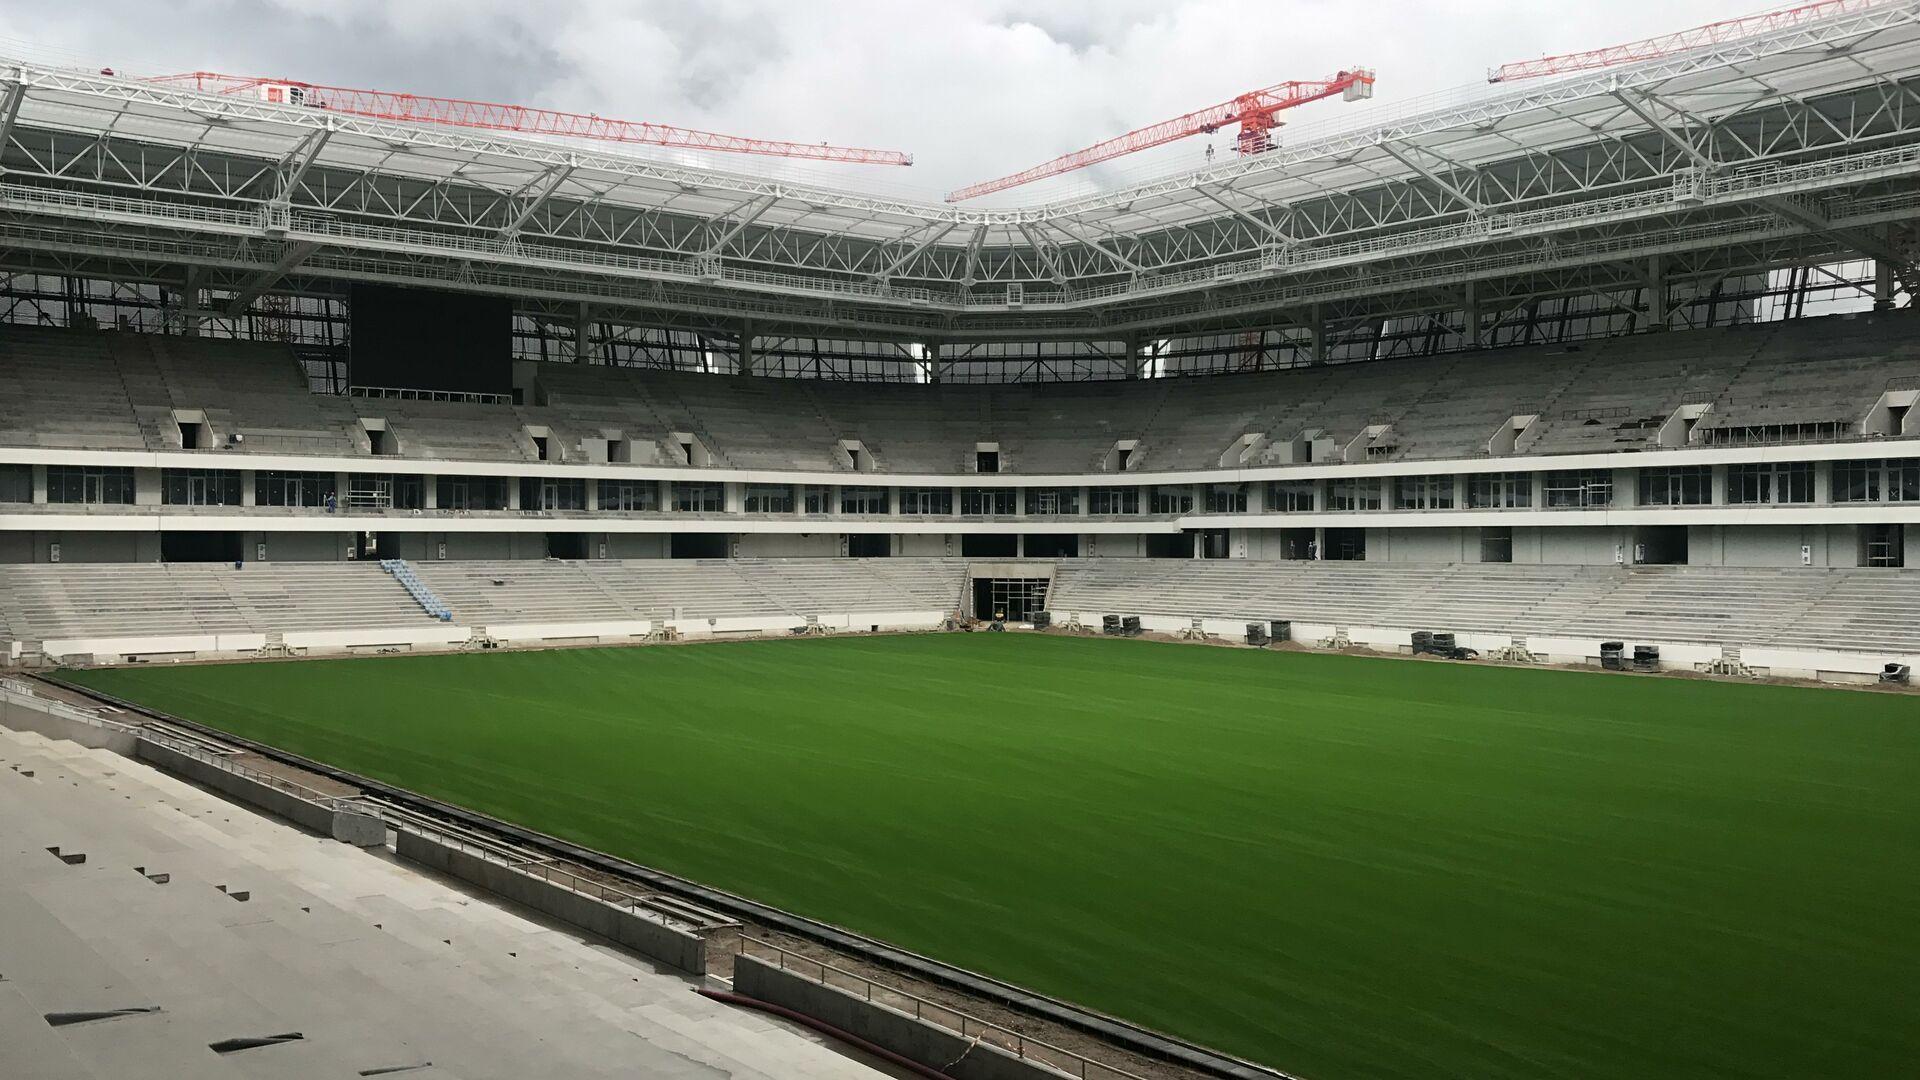 El campo de fútbol del Estadio de Kaliningrado - Sputnik Mundo, 1920, 13.03.2021